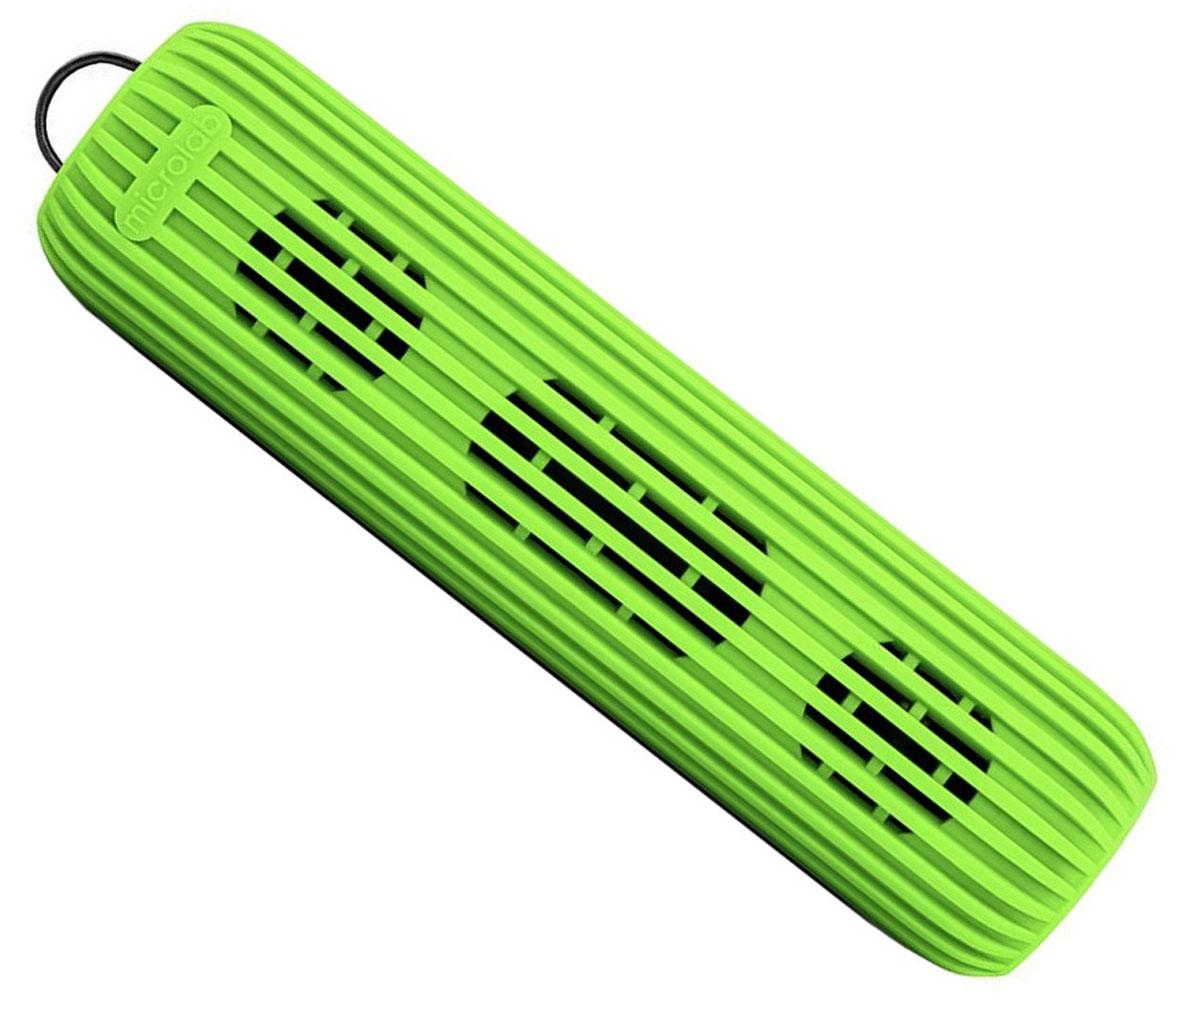 Microlab D21, Green портативная акустическая система80531Акустическая система необычной формы и дизайна ориентирована на людей, ведущих активный образ жизни. Microlab D21способна стать прекрасным спутником как на небольшом пикнике на природе, так и в долгом походе. Благодарясиликоновому покрытию корпуса, сателлит прощает слушателю небольшие ударные воздействия, а такжепрекрасно переносит как росу, так и небольшой дождик, что наряду с пылью, может стать фатальным для другихпортативных акустических систем.Небольшие размеры обеспечивают портативность системы, она не занимает много места и поместится в любомрюкзаке или сумке, а идущий в комплекте шнурок способен закрепить сателлит в походном варианте, позволяяизбежать потери колонки.В Bluetooth-режиме при входящем звонке на телефон, можно ответить на звонок через сателлит. Благодарявстроенному в колонку микрофону, телефон искать не обязательно.Колонка способна воспроизводить музыку без источника звука. Чтобы послушать музыку, вам не обязательноразряжать собственный телефон, достаточно вставить Micro SD-card в колонку и наслаждаться любимымимелодиями.Многообразие цветов. Microlab D21 представлена в 5 цветах, можно выбрать ту расцветку, которая подходитименно вам.Литиевая батарея: 3,7 В; 1200 мАч